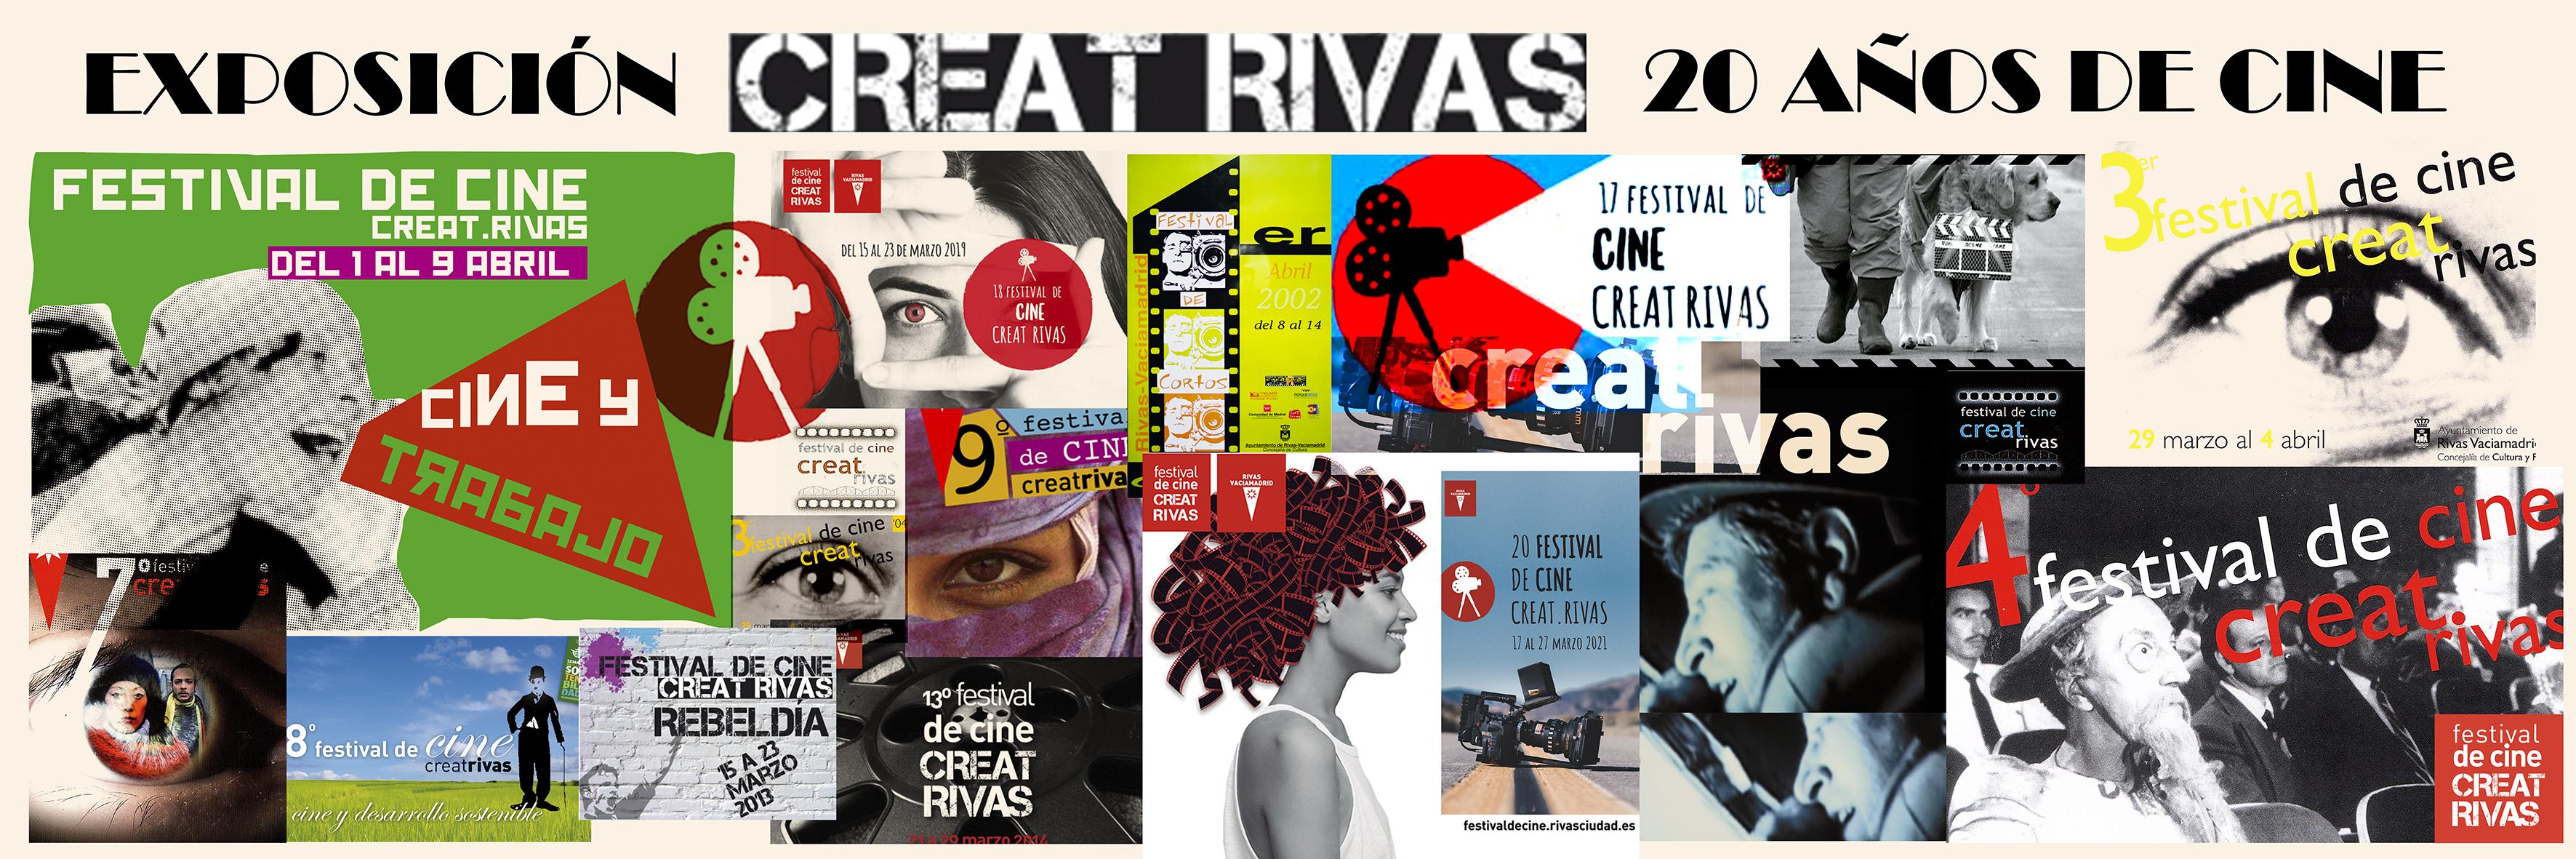 Exposición: CreatRivas: 20 años de cine, la retrospectiva